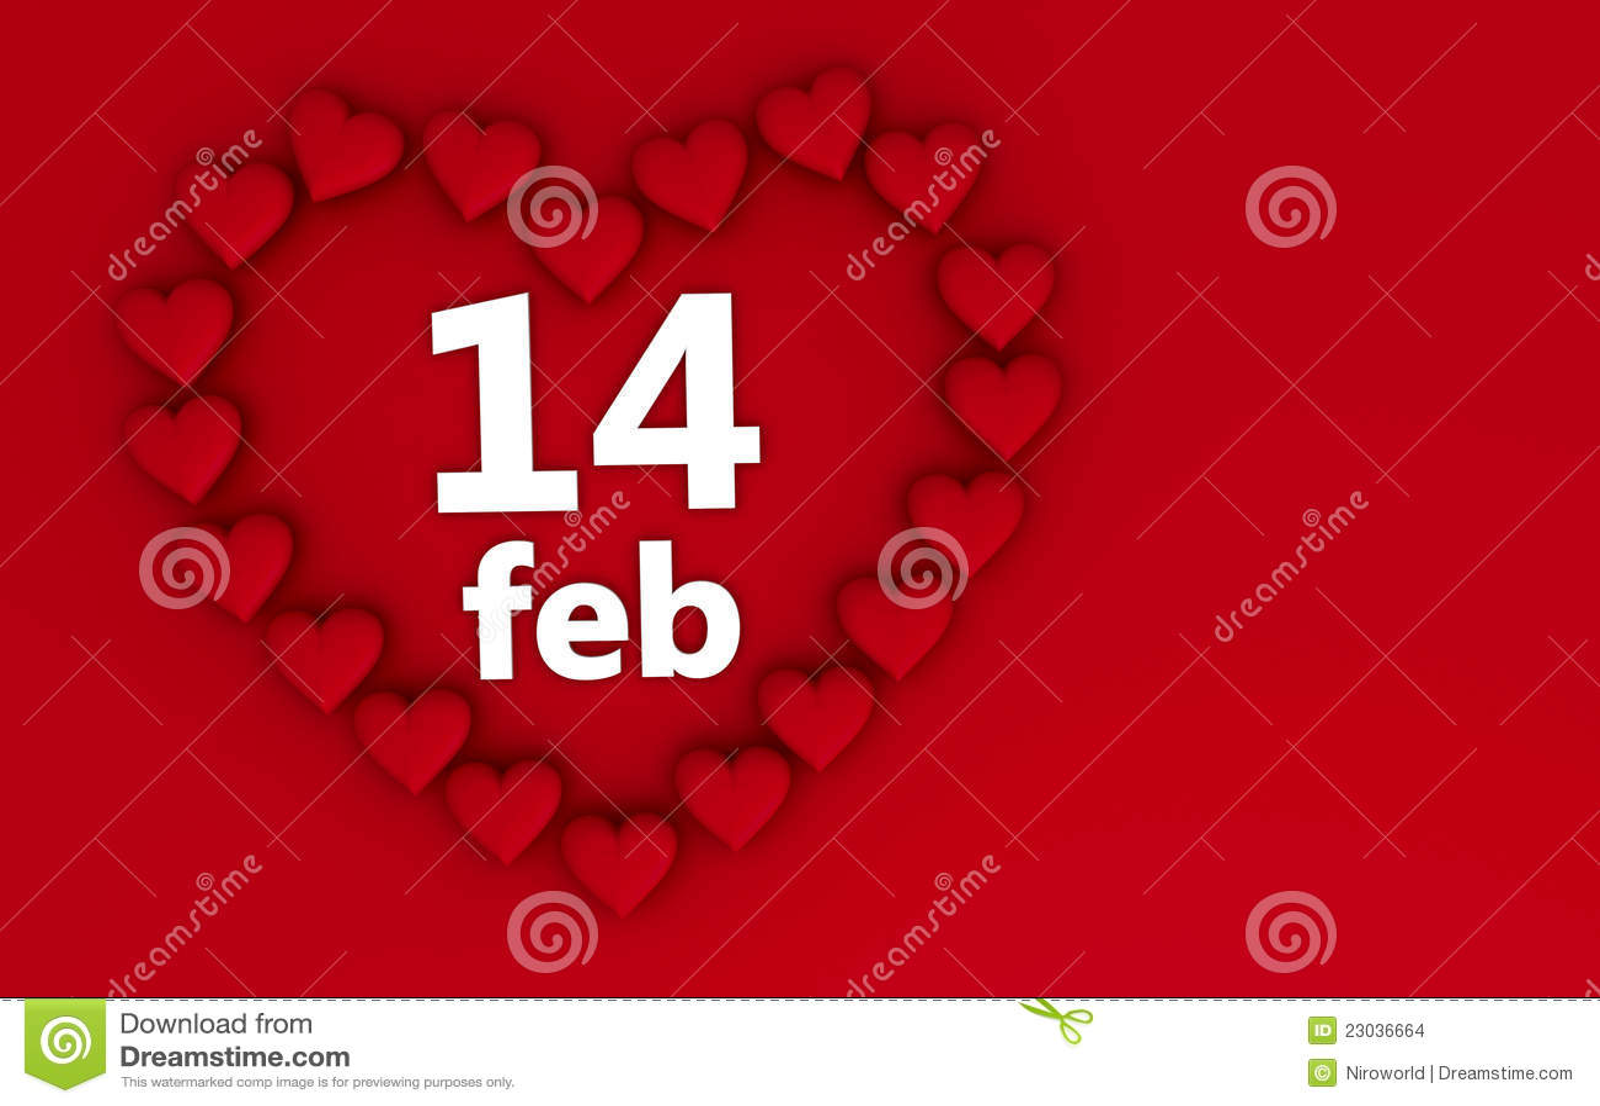 Corazones del d a de tarjetas del d a de san valent n - Postales dia de san valentin ...